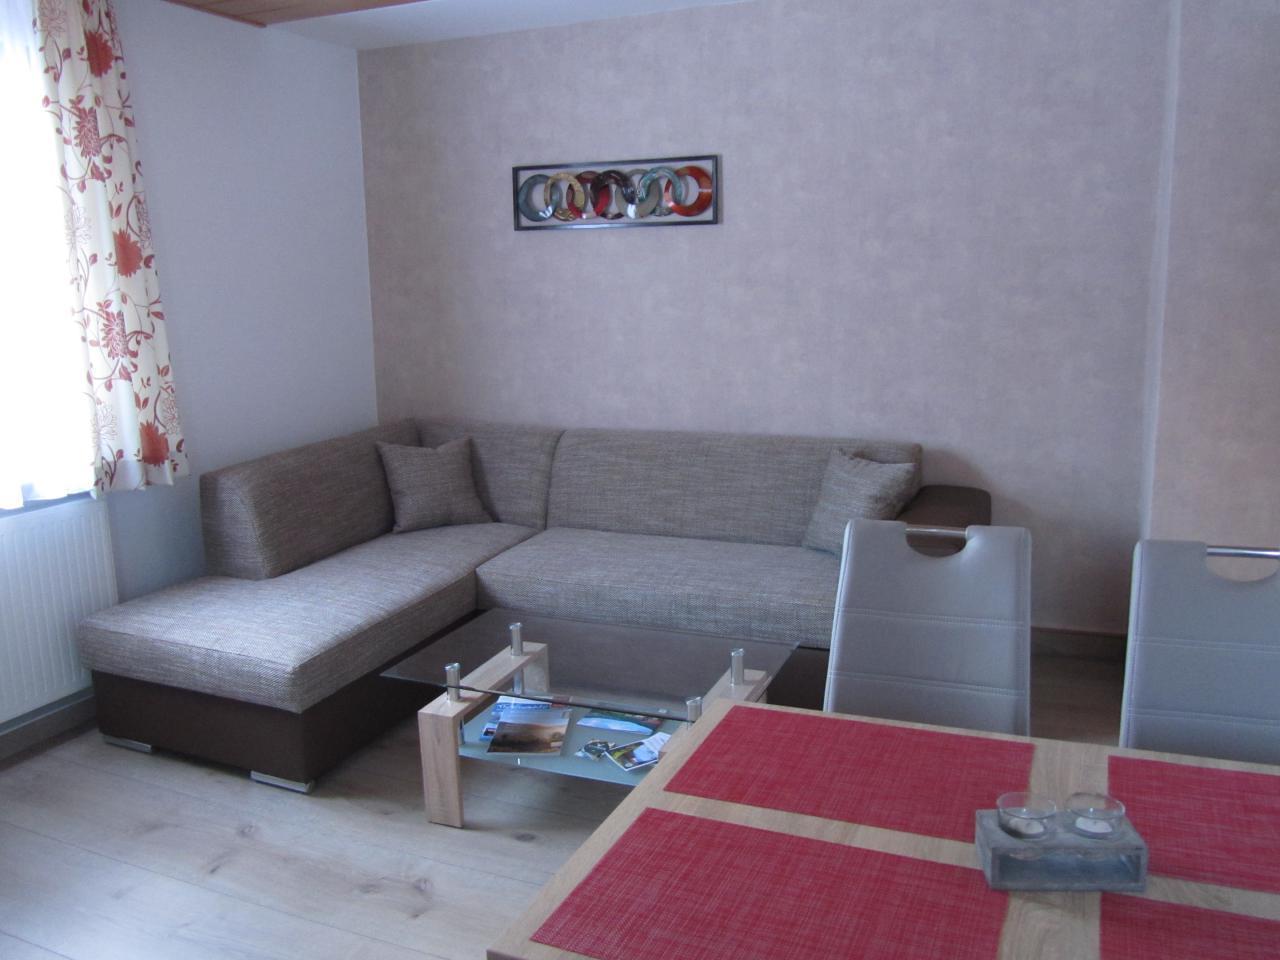 Ferienwohnung Appartementhaus Wiesengrund -Fewo3 (402594), Baiersbronn, Schwarzwald, Baden-Württemberg, Deutschland, Bild 2